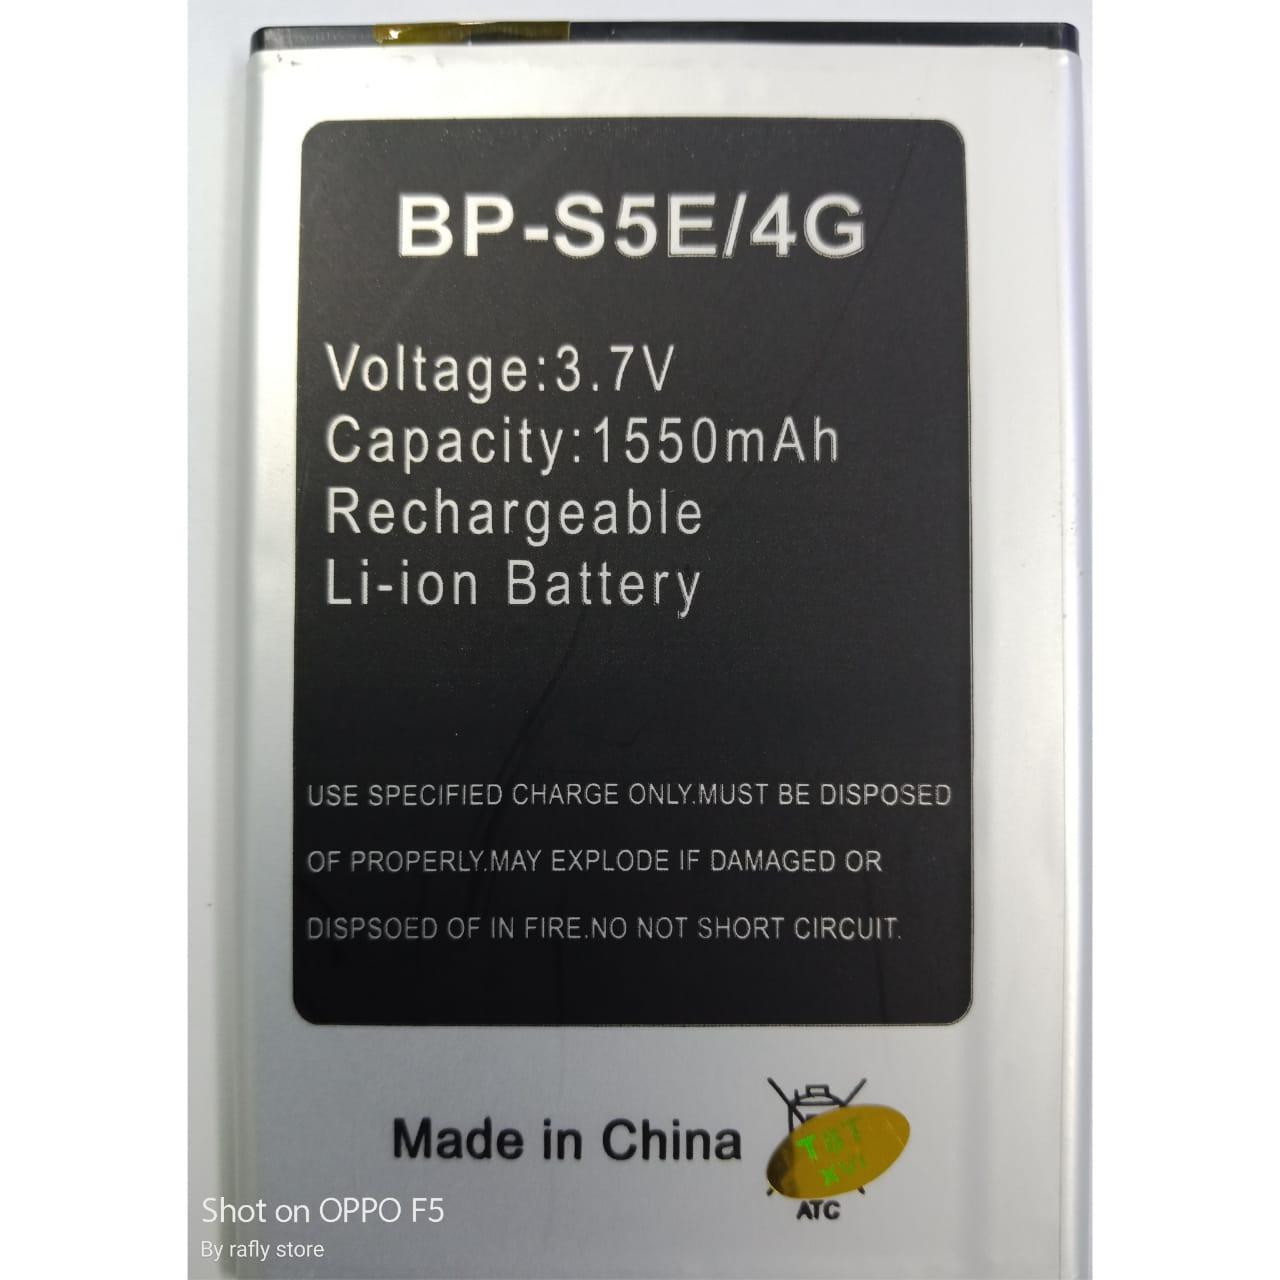 Kelebihan Advan Baterai S5e Pro Capacity 1550mah Original S5 E Putih R S Batrai Handphone For 4g